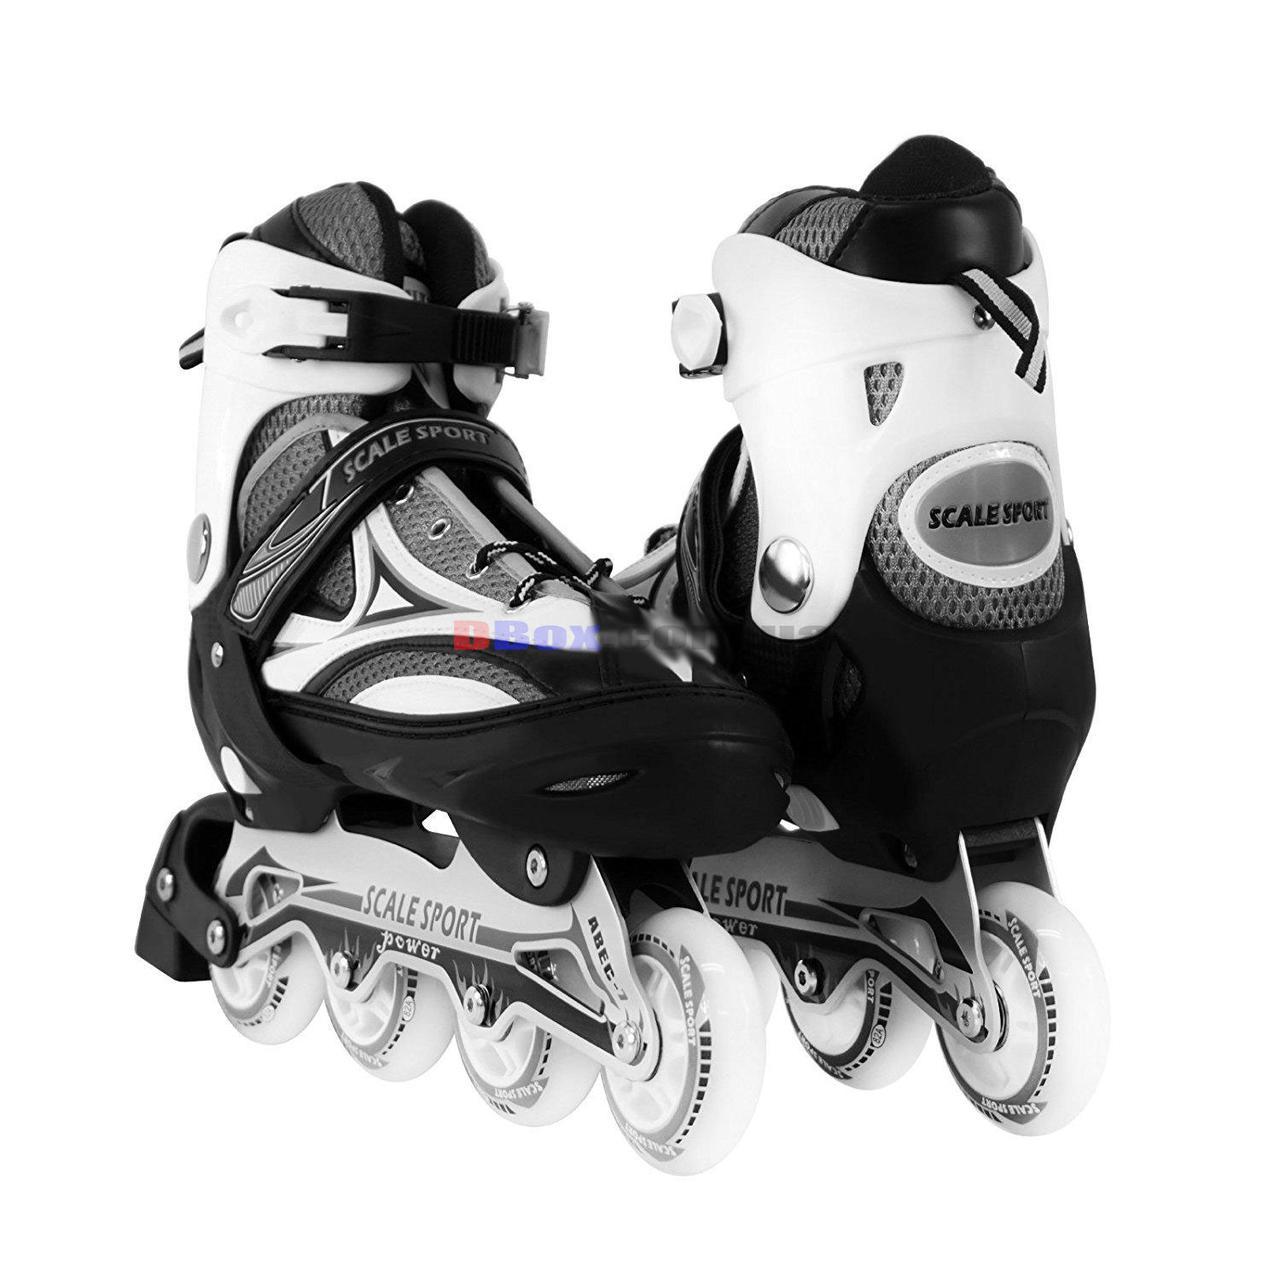 Ролики детские раздвижные Scale Sports Power - USA полиуретановые колеса 80мм произведено в США Белый (2T3002/41-44/WT)